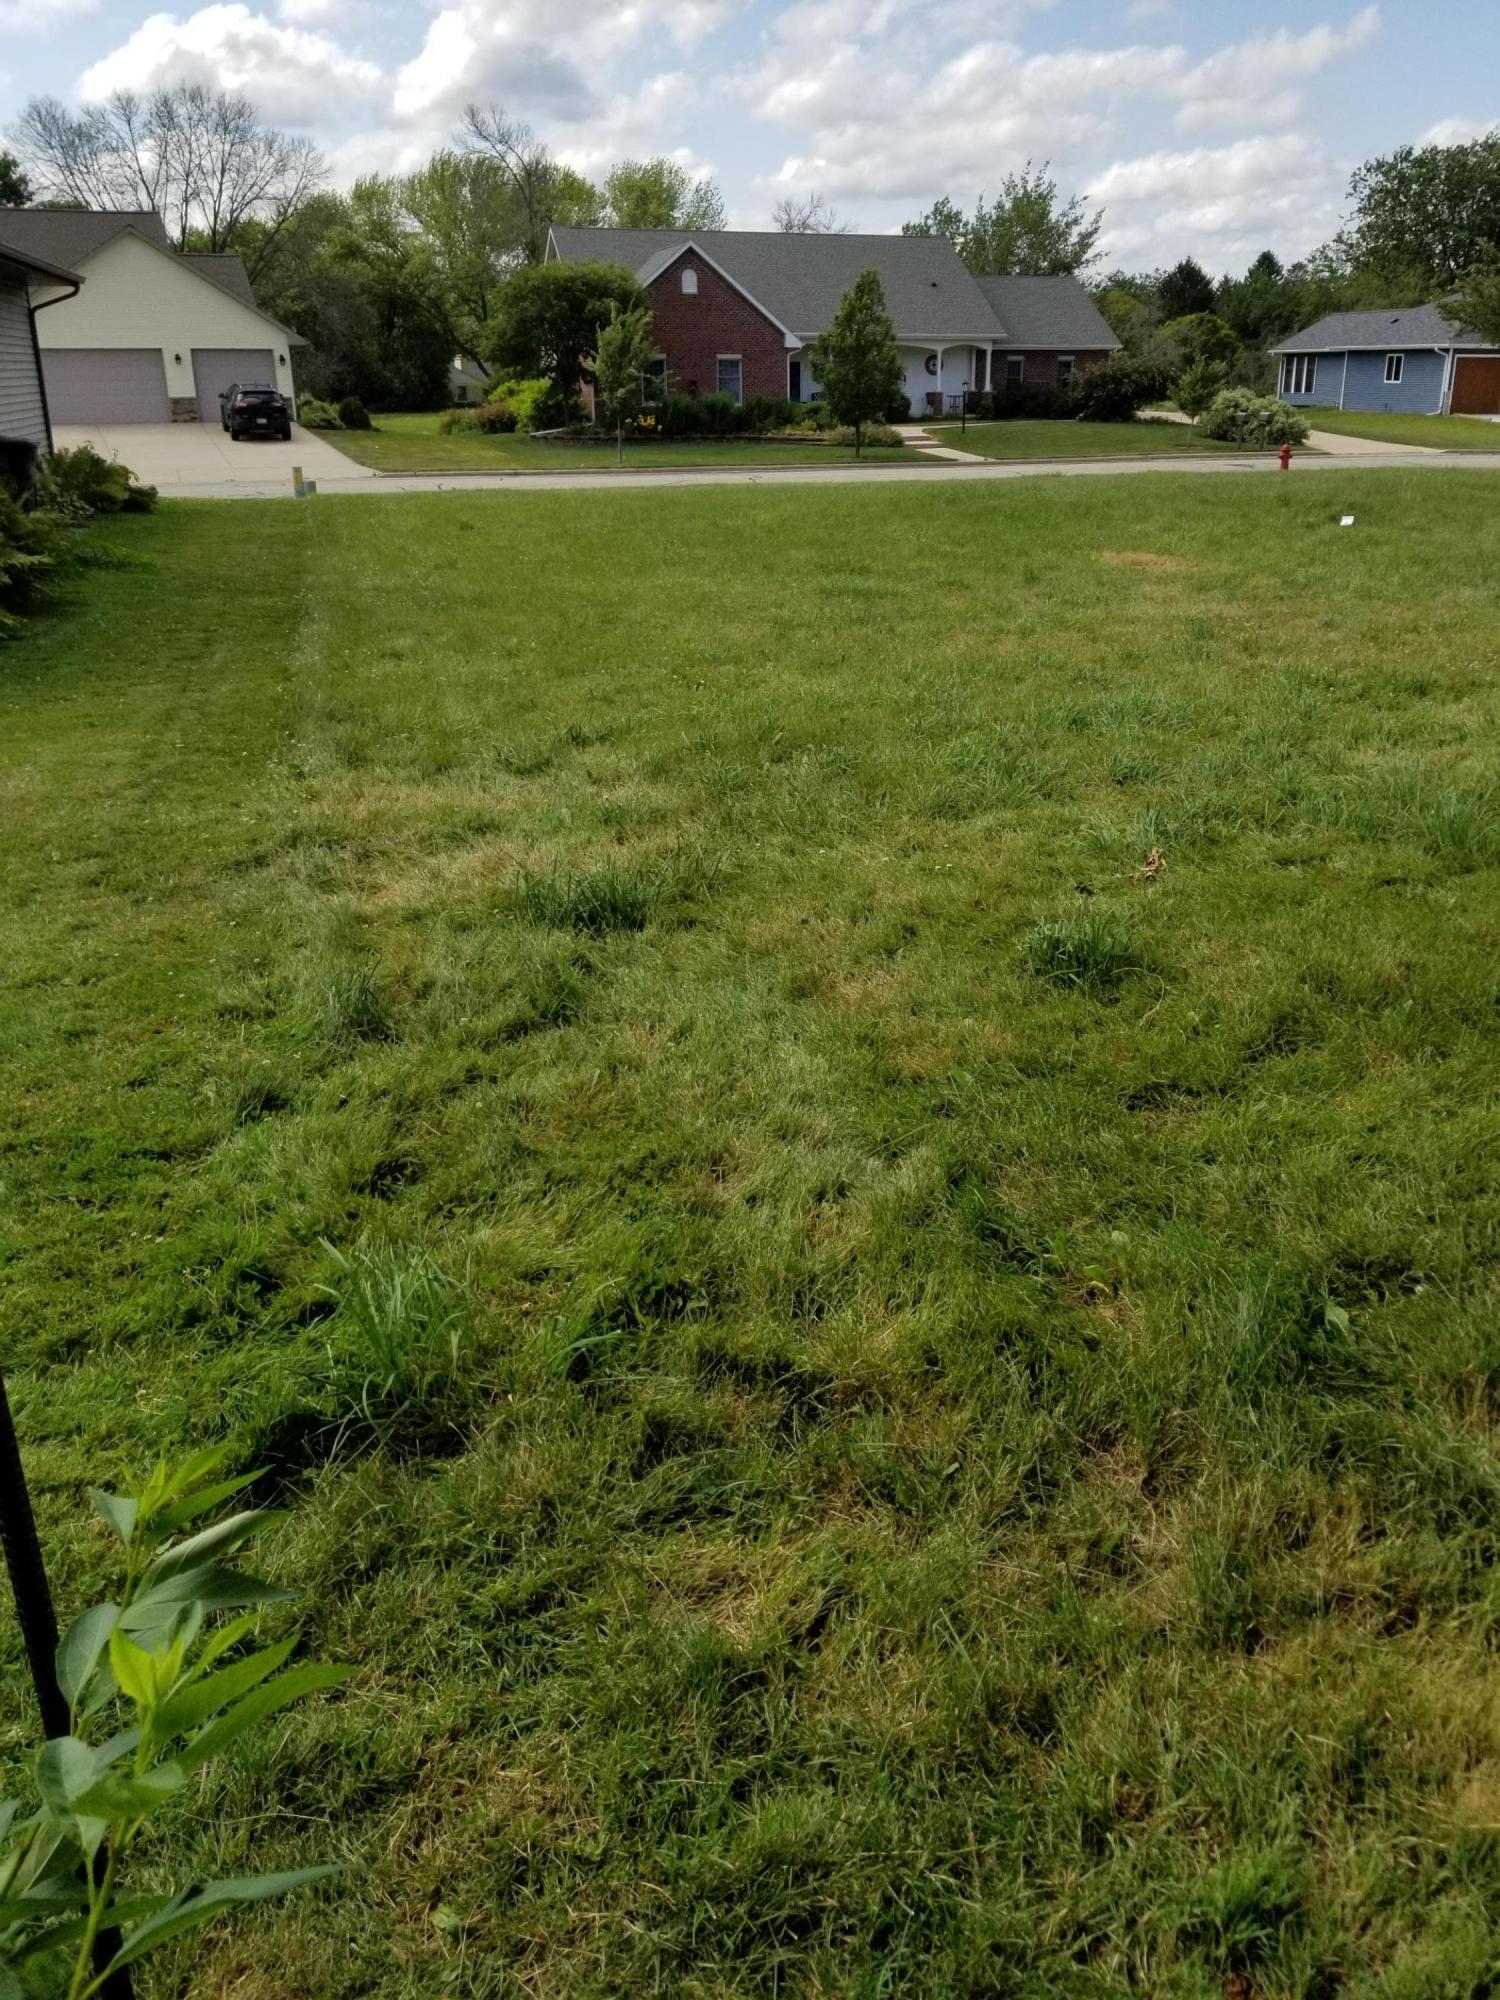 556 Fairway Cir, Jefferson, Wisconsin 53549, ,Vacant Land,For Sale,Fairway Cir,1649155